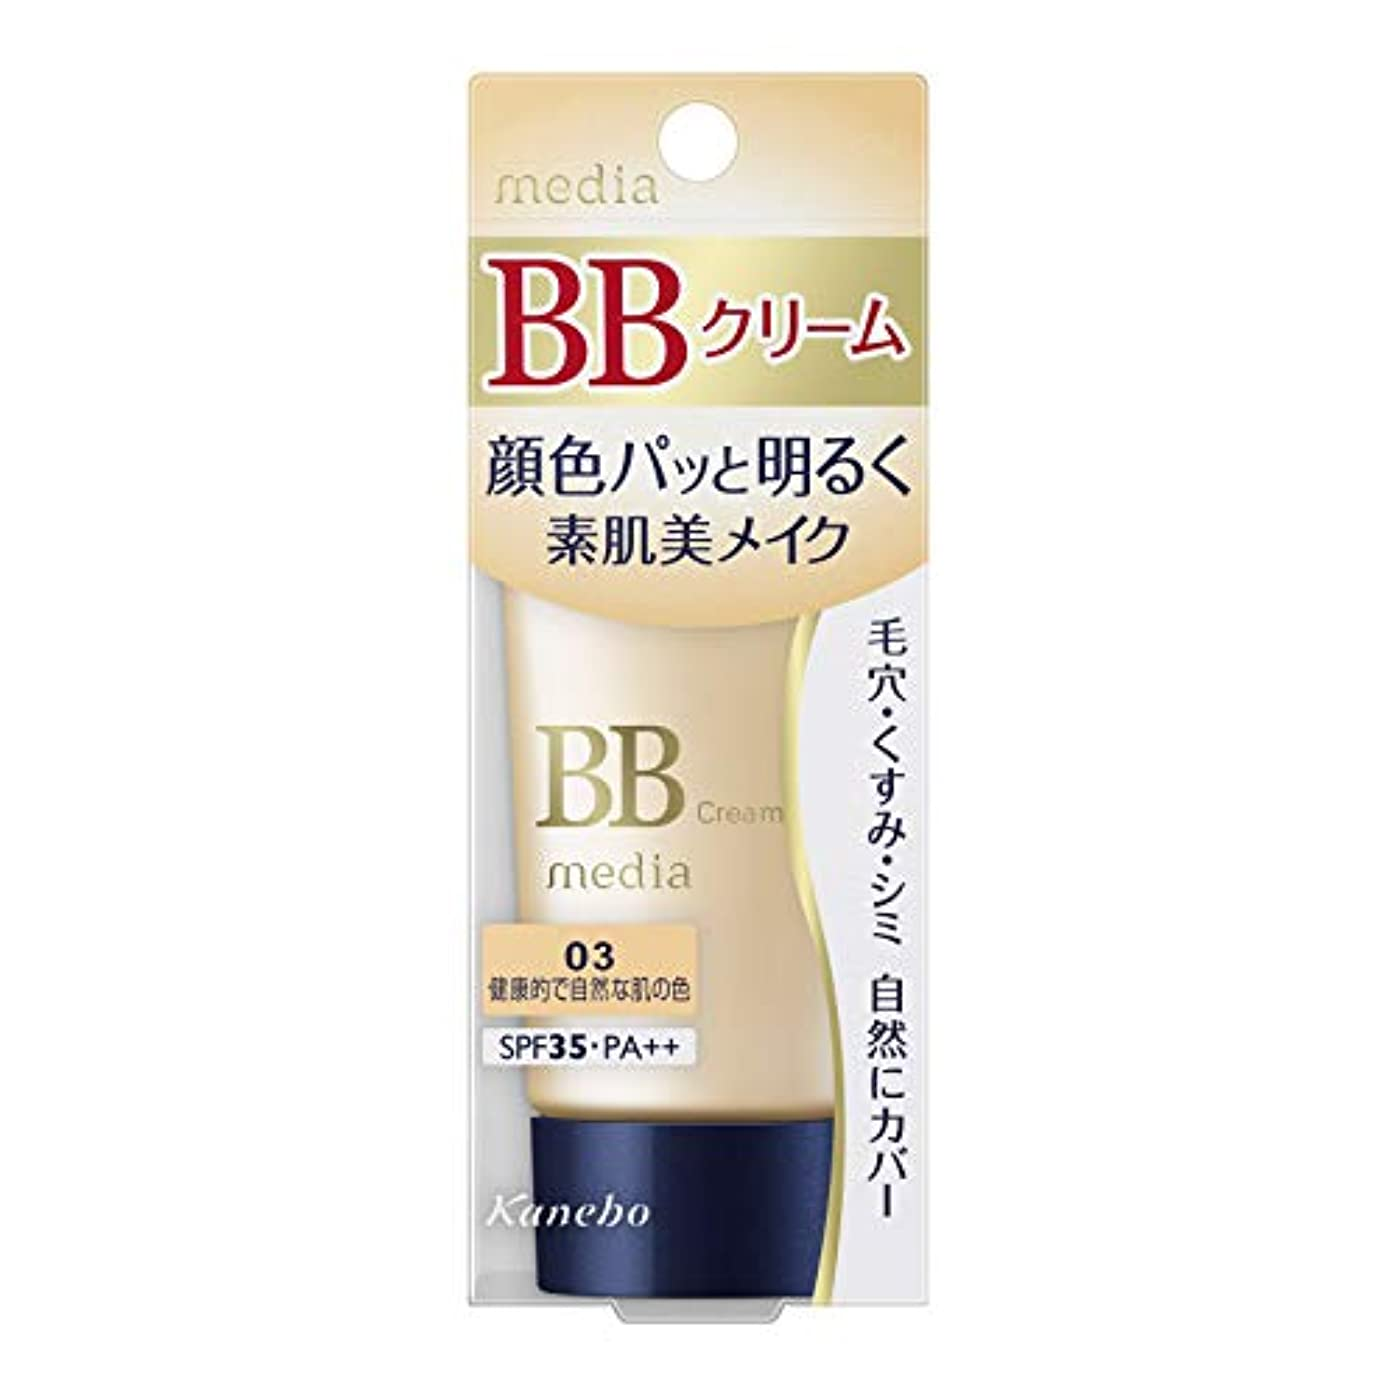 バース正確効果的にカネボウ化粧品 メディア BBクリームS 03 35g